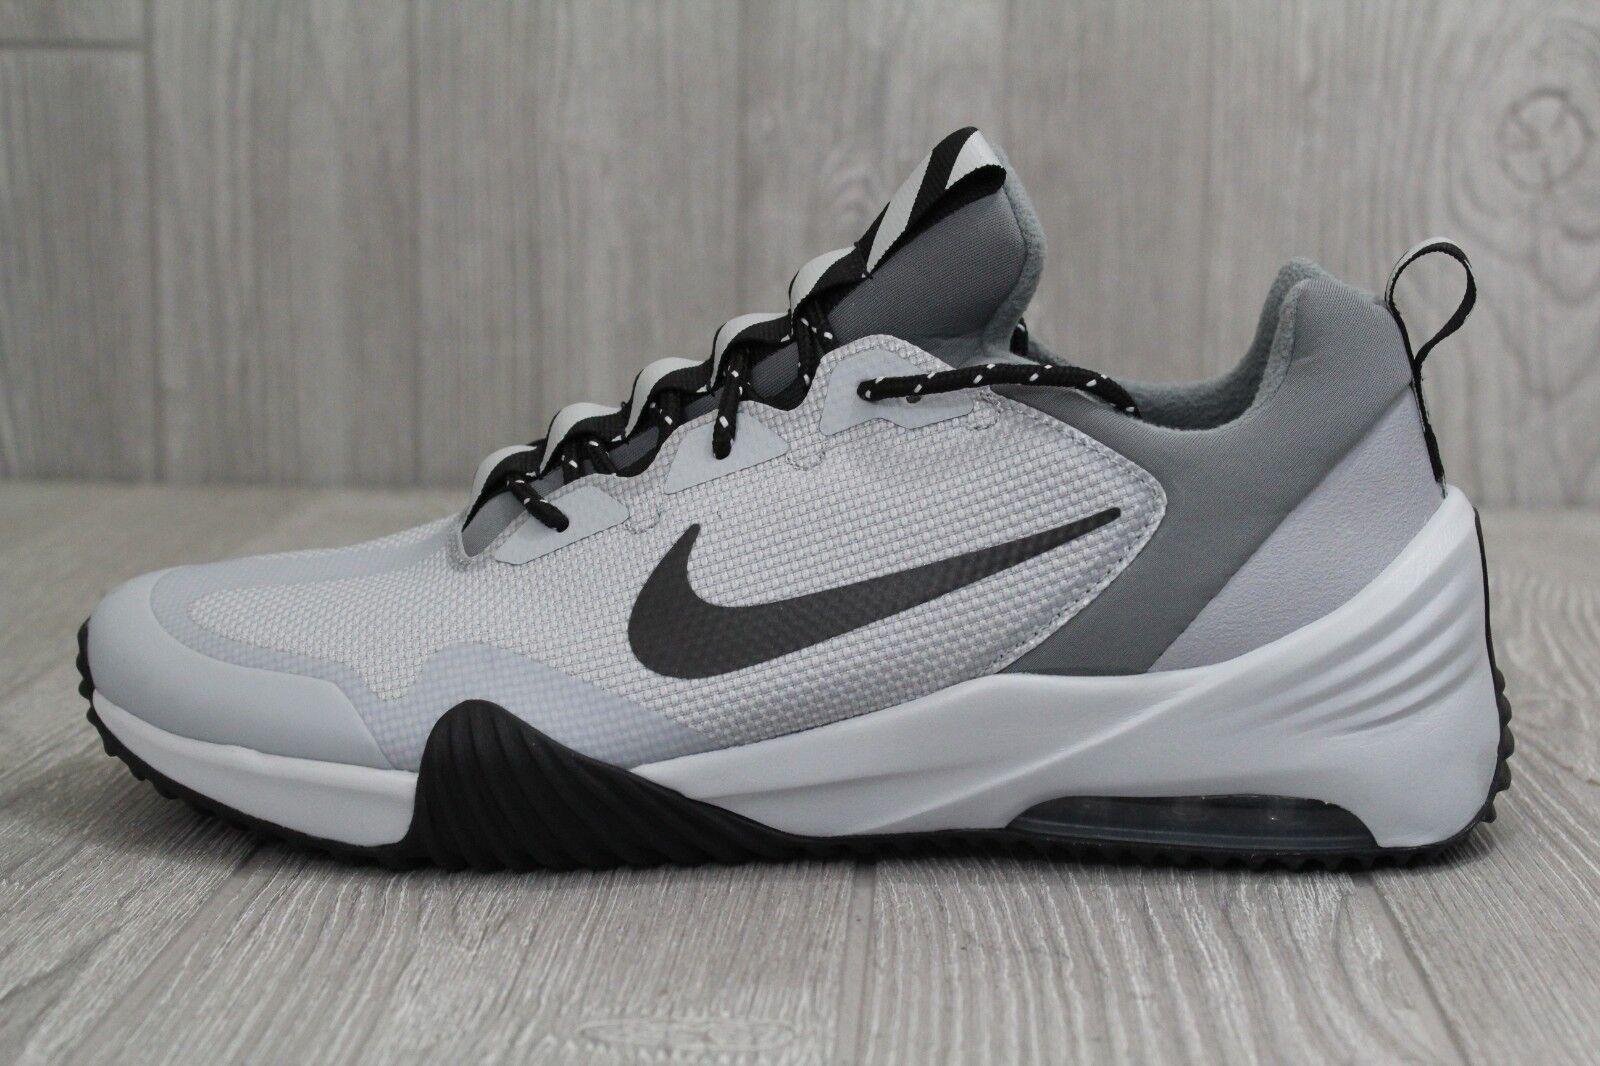 31 nike air max grigora scarpe da uomo 916767-003 lupo grigio / di puro platino